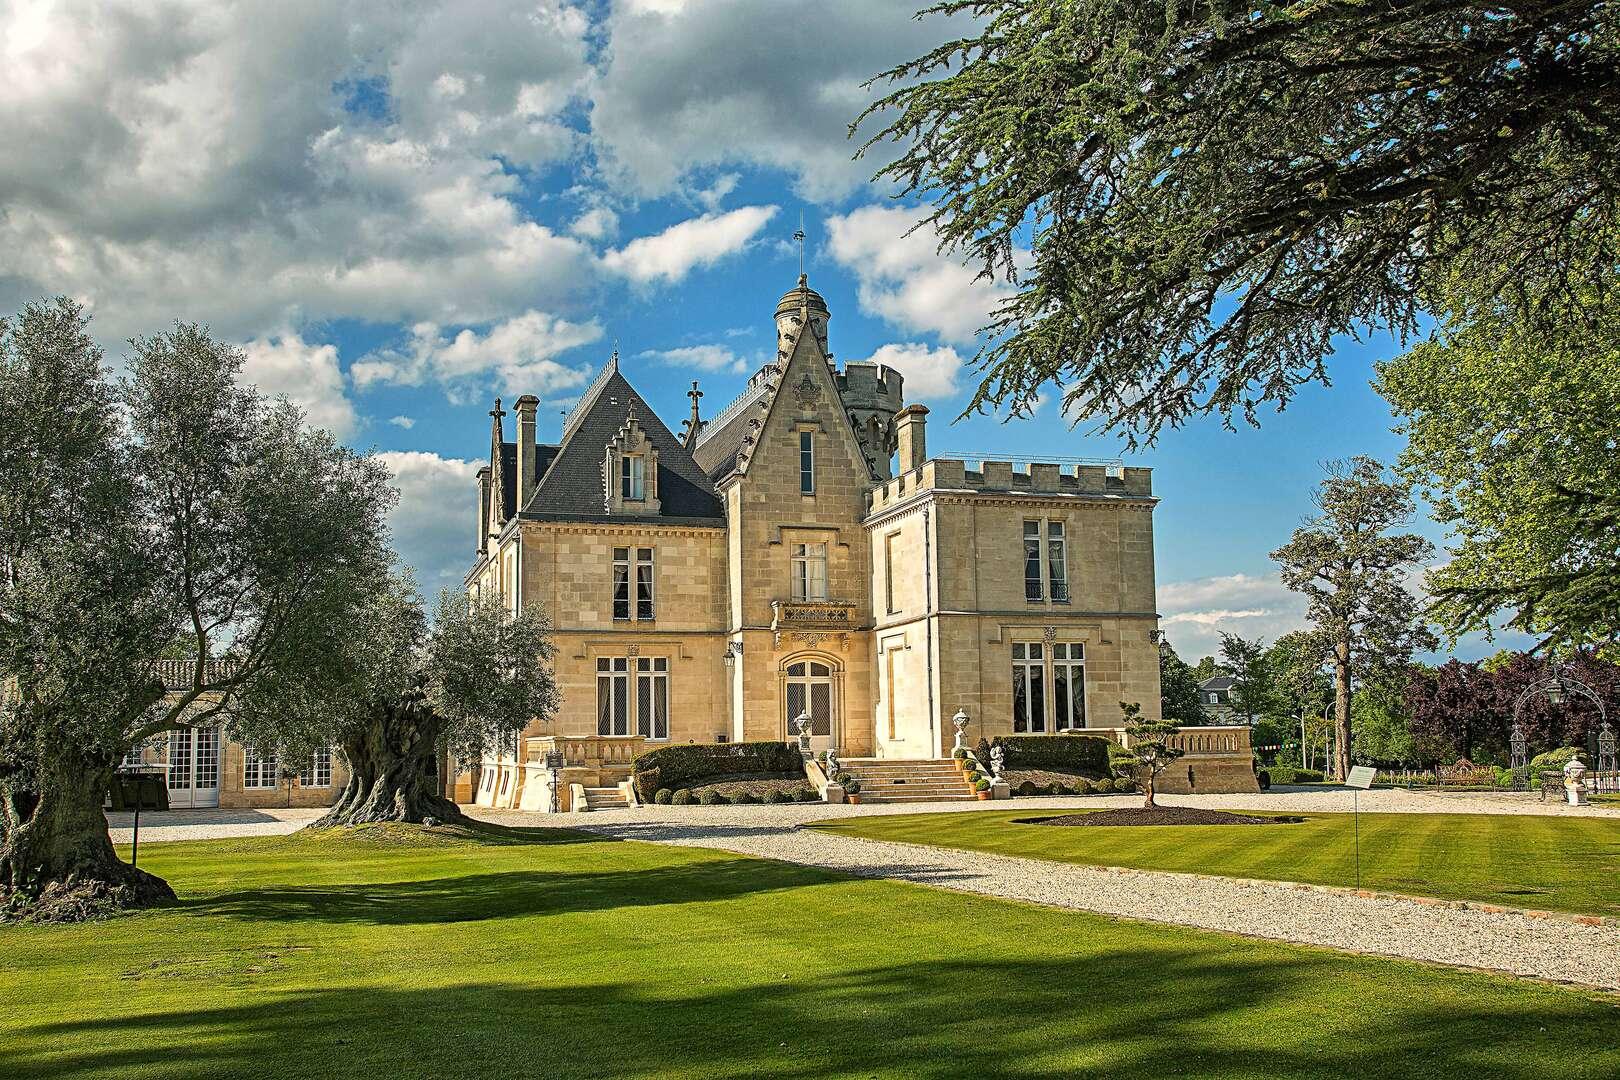 - Chateau Pessac - Image 1/41